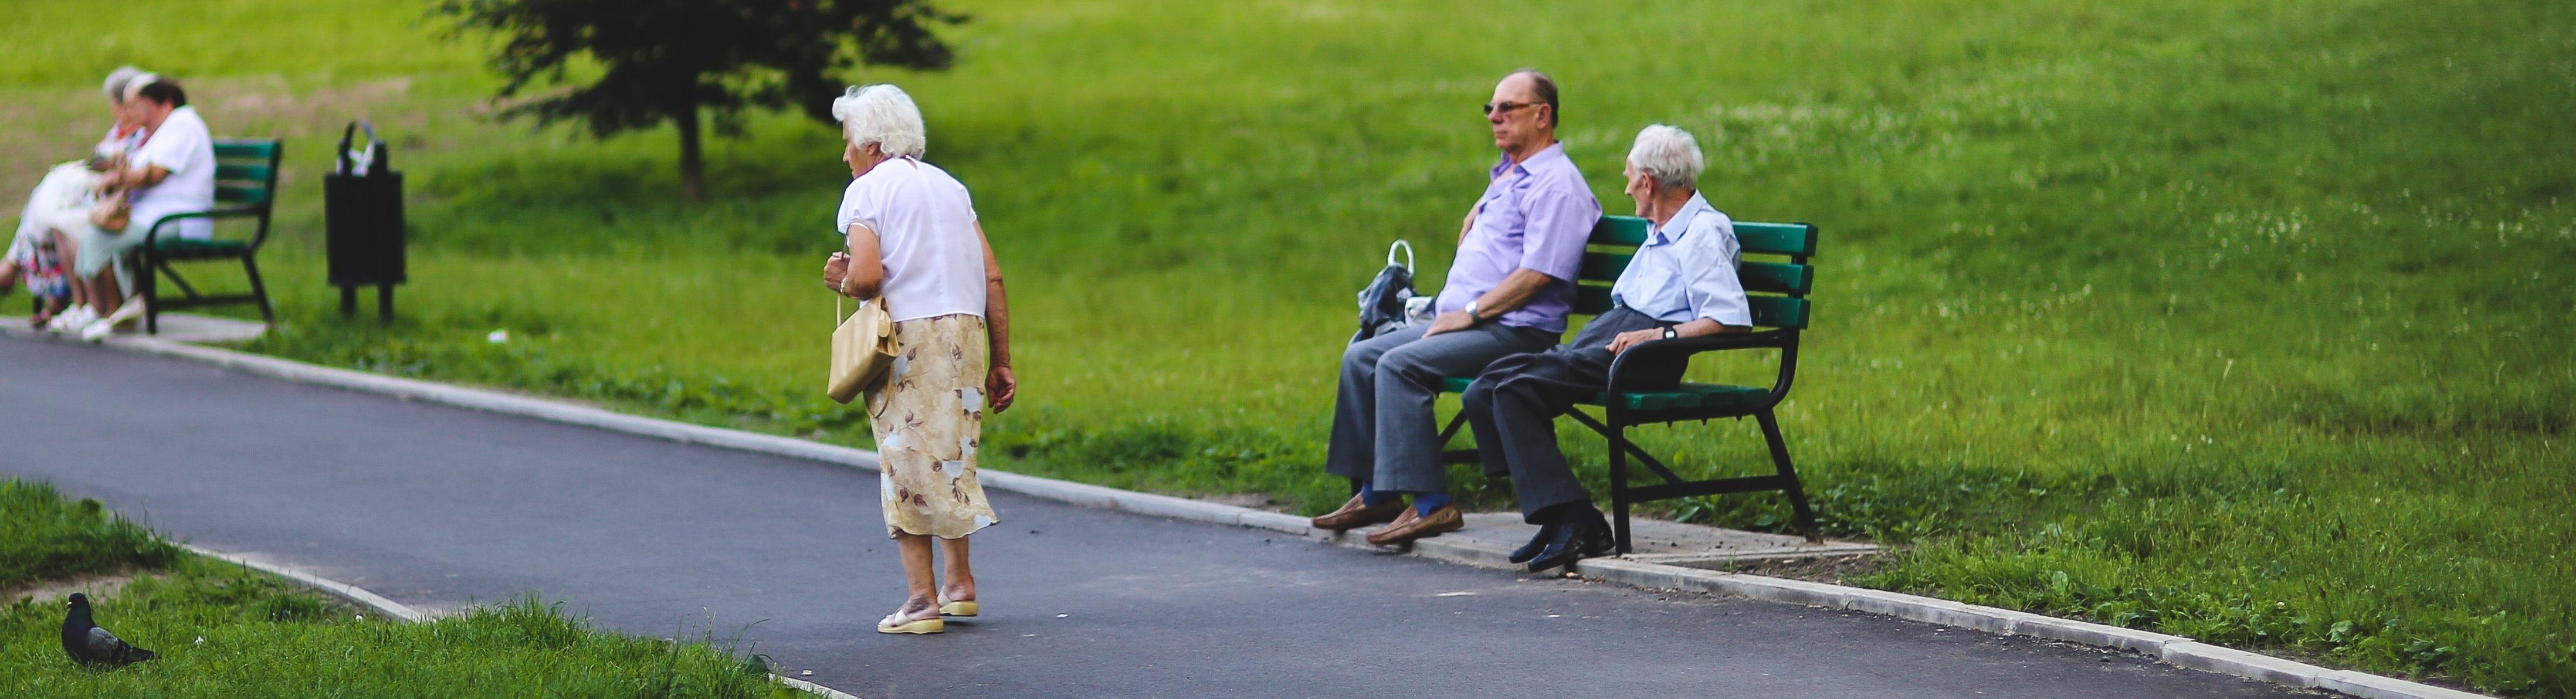 RenterInnen in einem Park